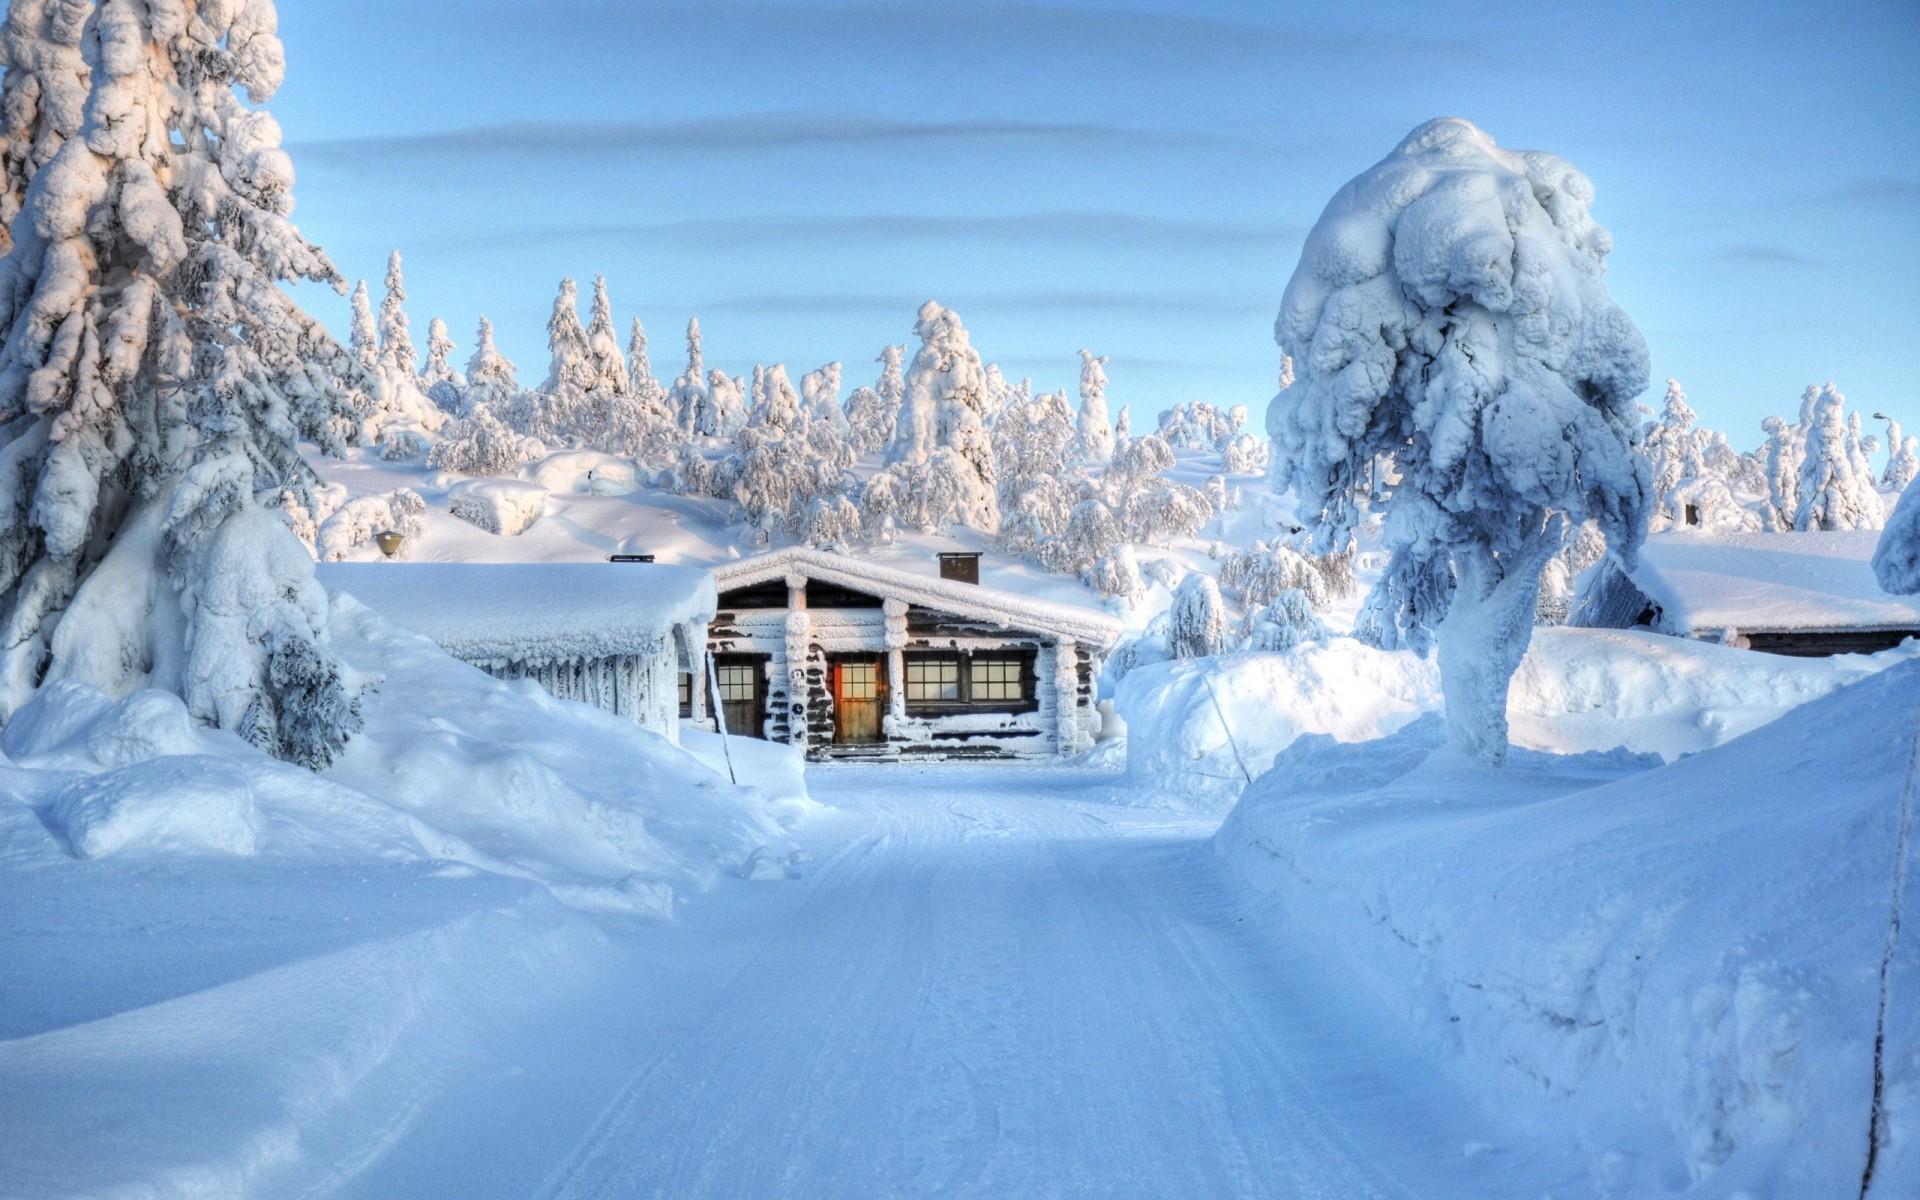 составляющие придают домик в снегу фотообои для рабочего стола мне нигде